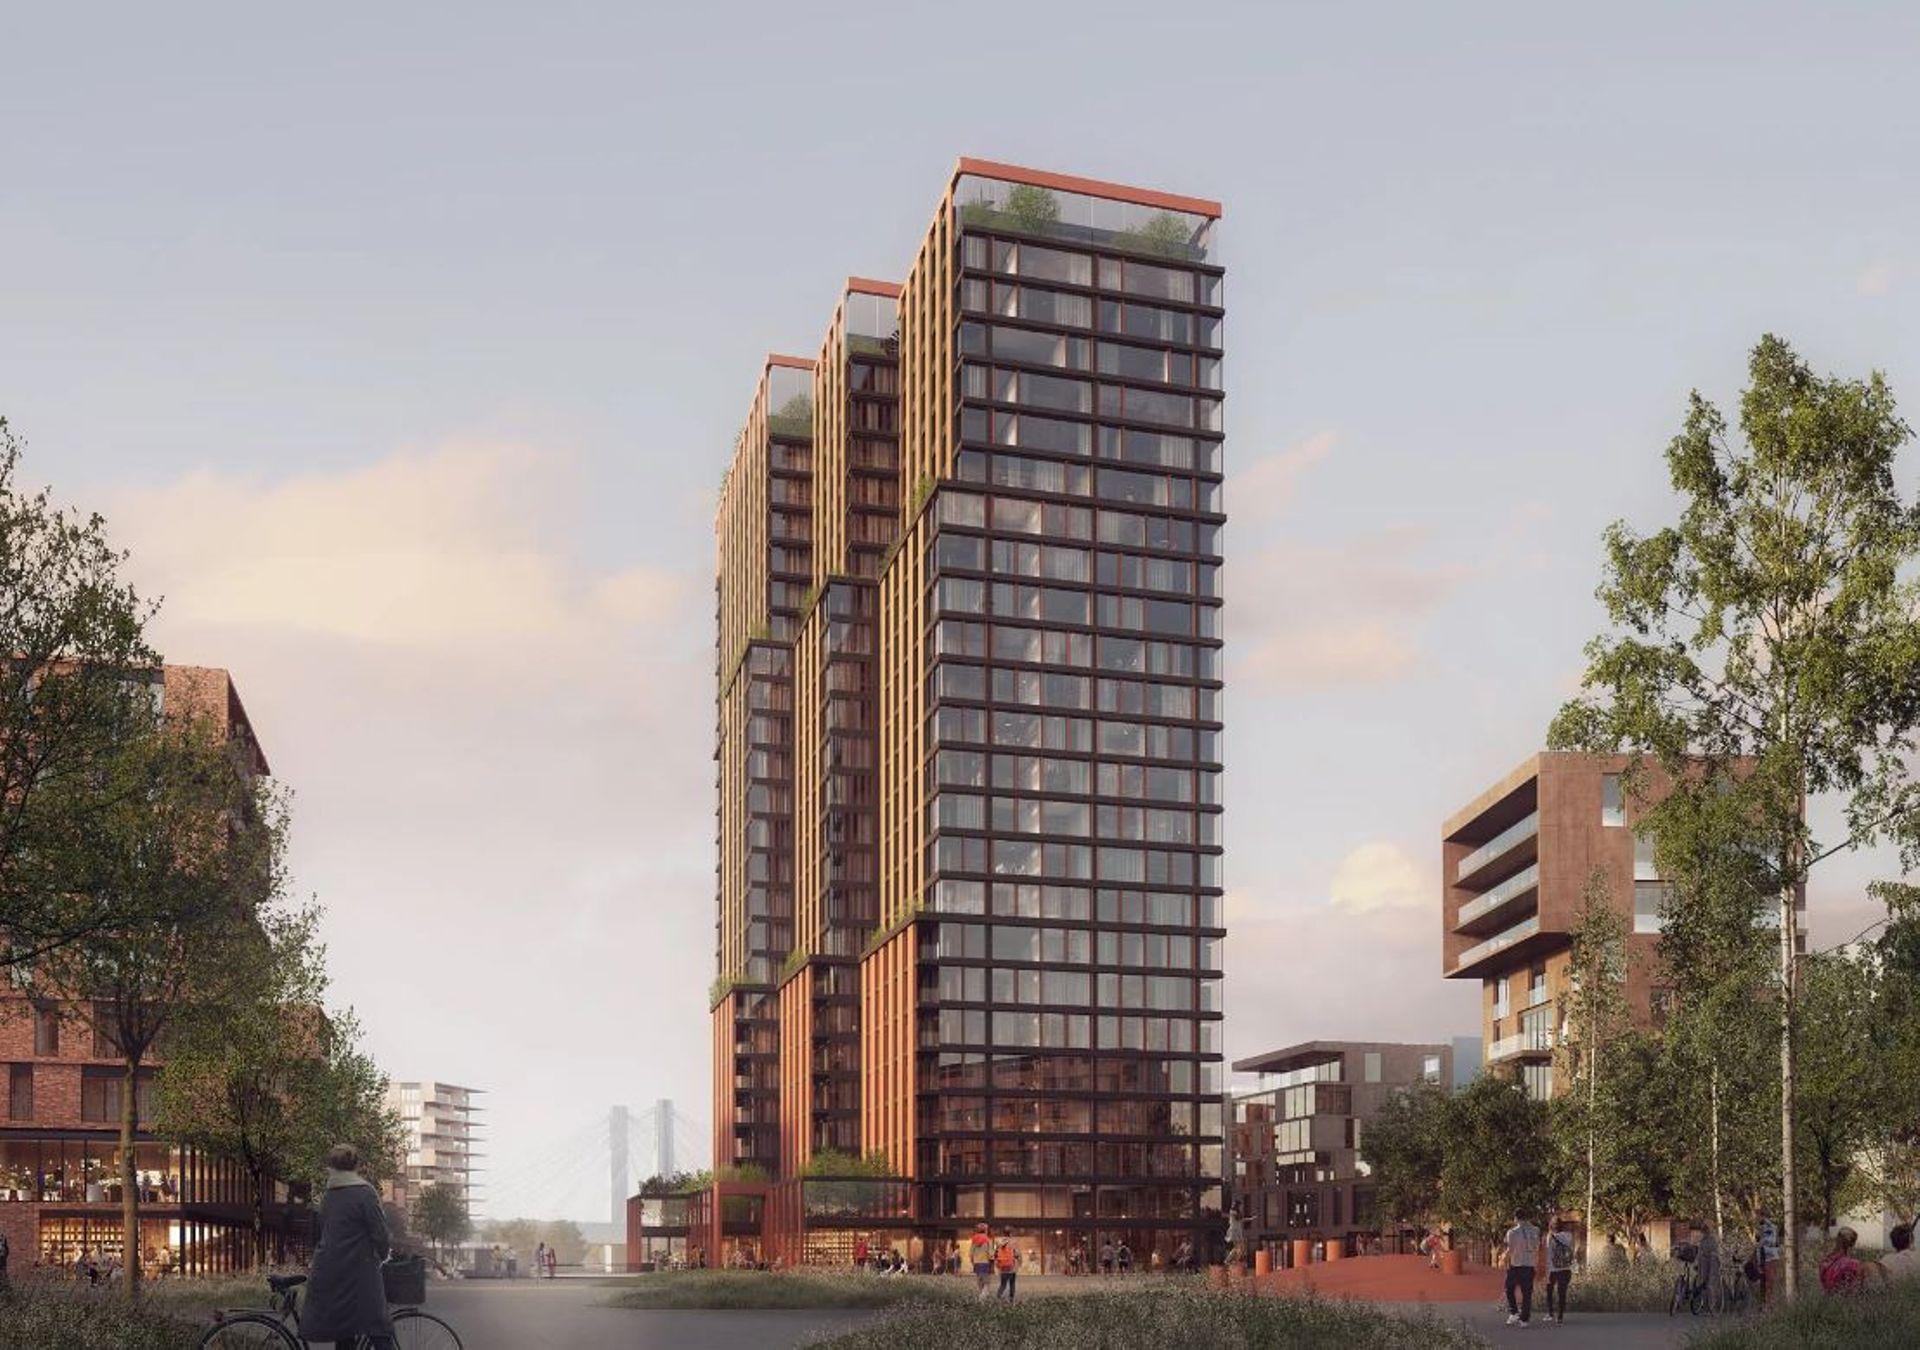 Wrocław: Wiemy już jak będzie wyglądał najwyższy, 80-metrowy budynek w Porcie Popowice